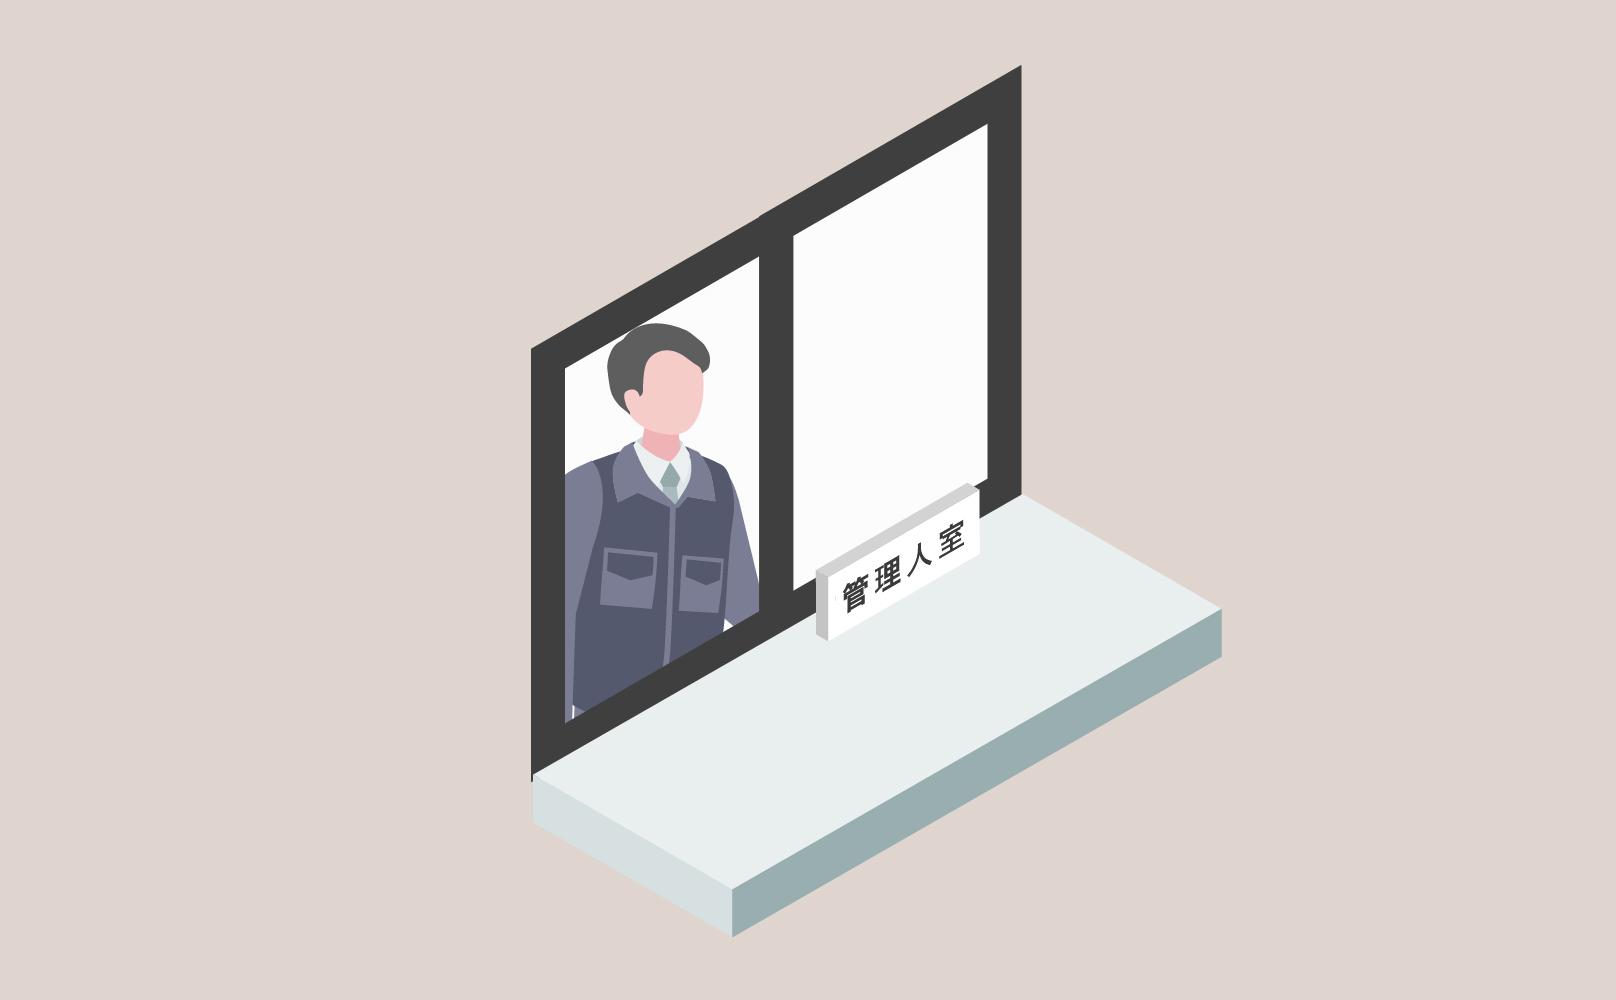 常駐の管理人手配・設置|安心・安全をご提供します。犯罪の抑止力に